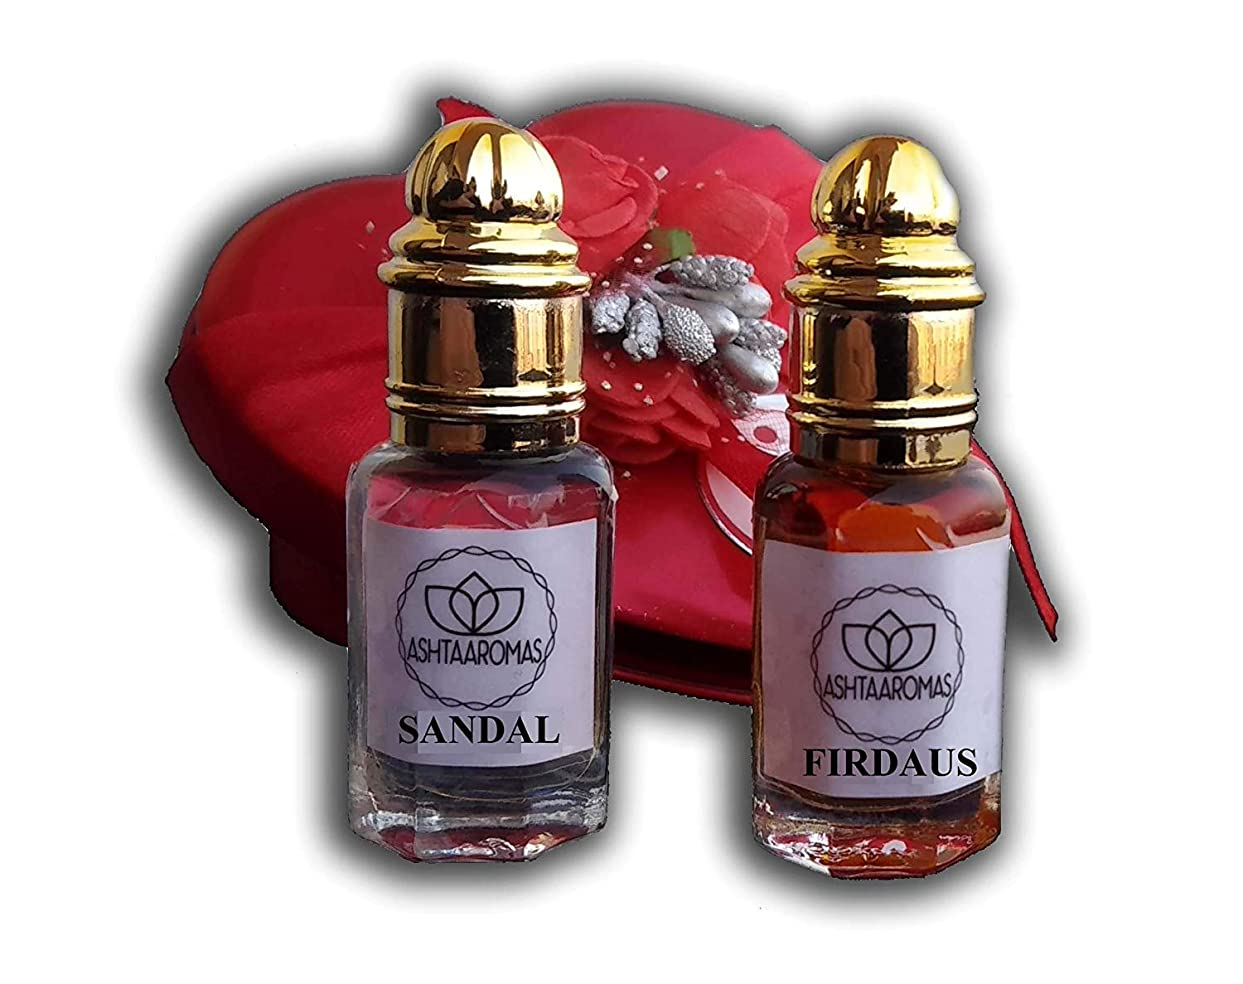 系譜アーチアクセントアターITRA最高品質の香水は、長期的なアターをスプレー|ハーブアター(8ミリリットルずつ)持続コンボ2個のアターサンダルとフィルダウスアターロング